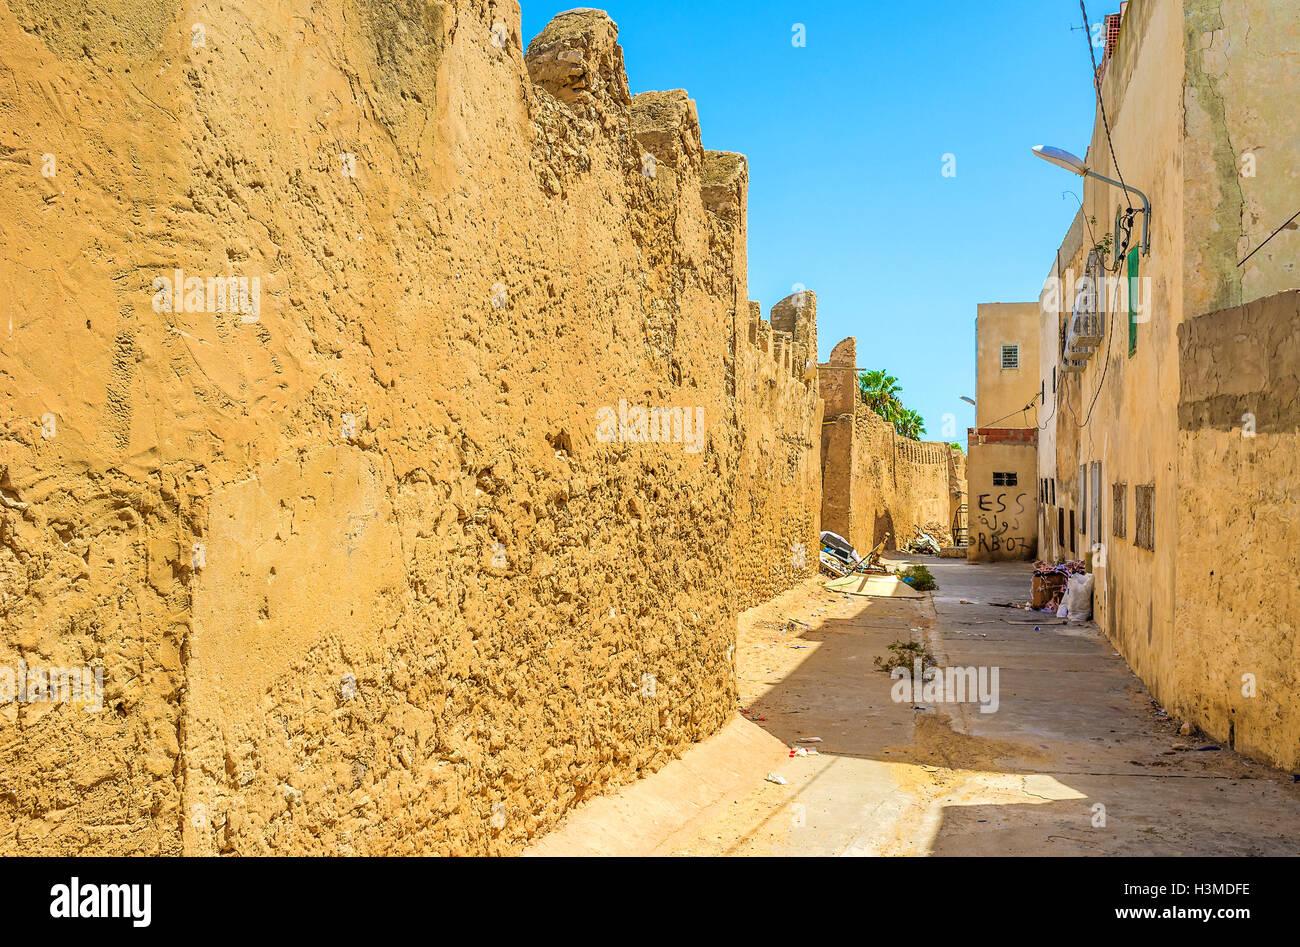 L'ancienne Sfax est la ville médiévale arabe typique avec ses remparts bien préservés, ses Photo Stock